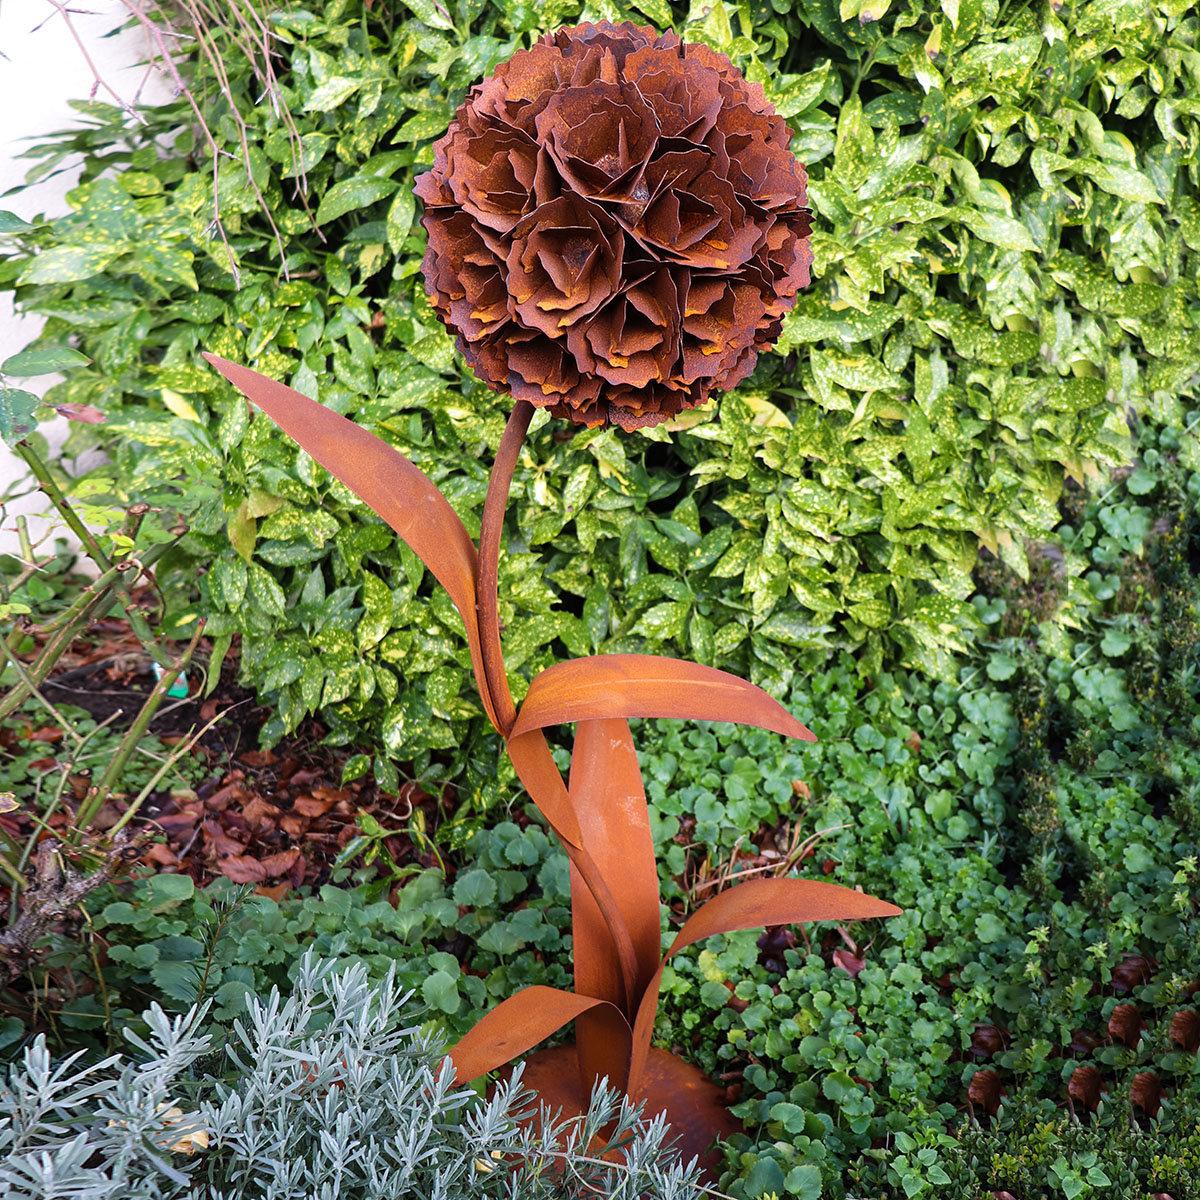 Gartenfigur Pusteblume mit Bodenplatte, Edelrost, 130 cm